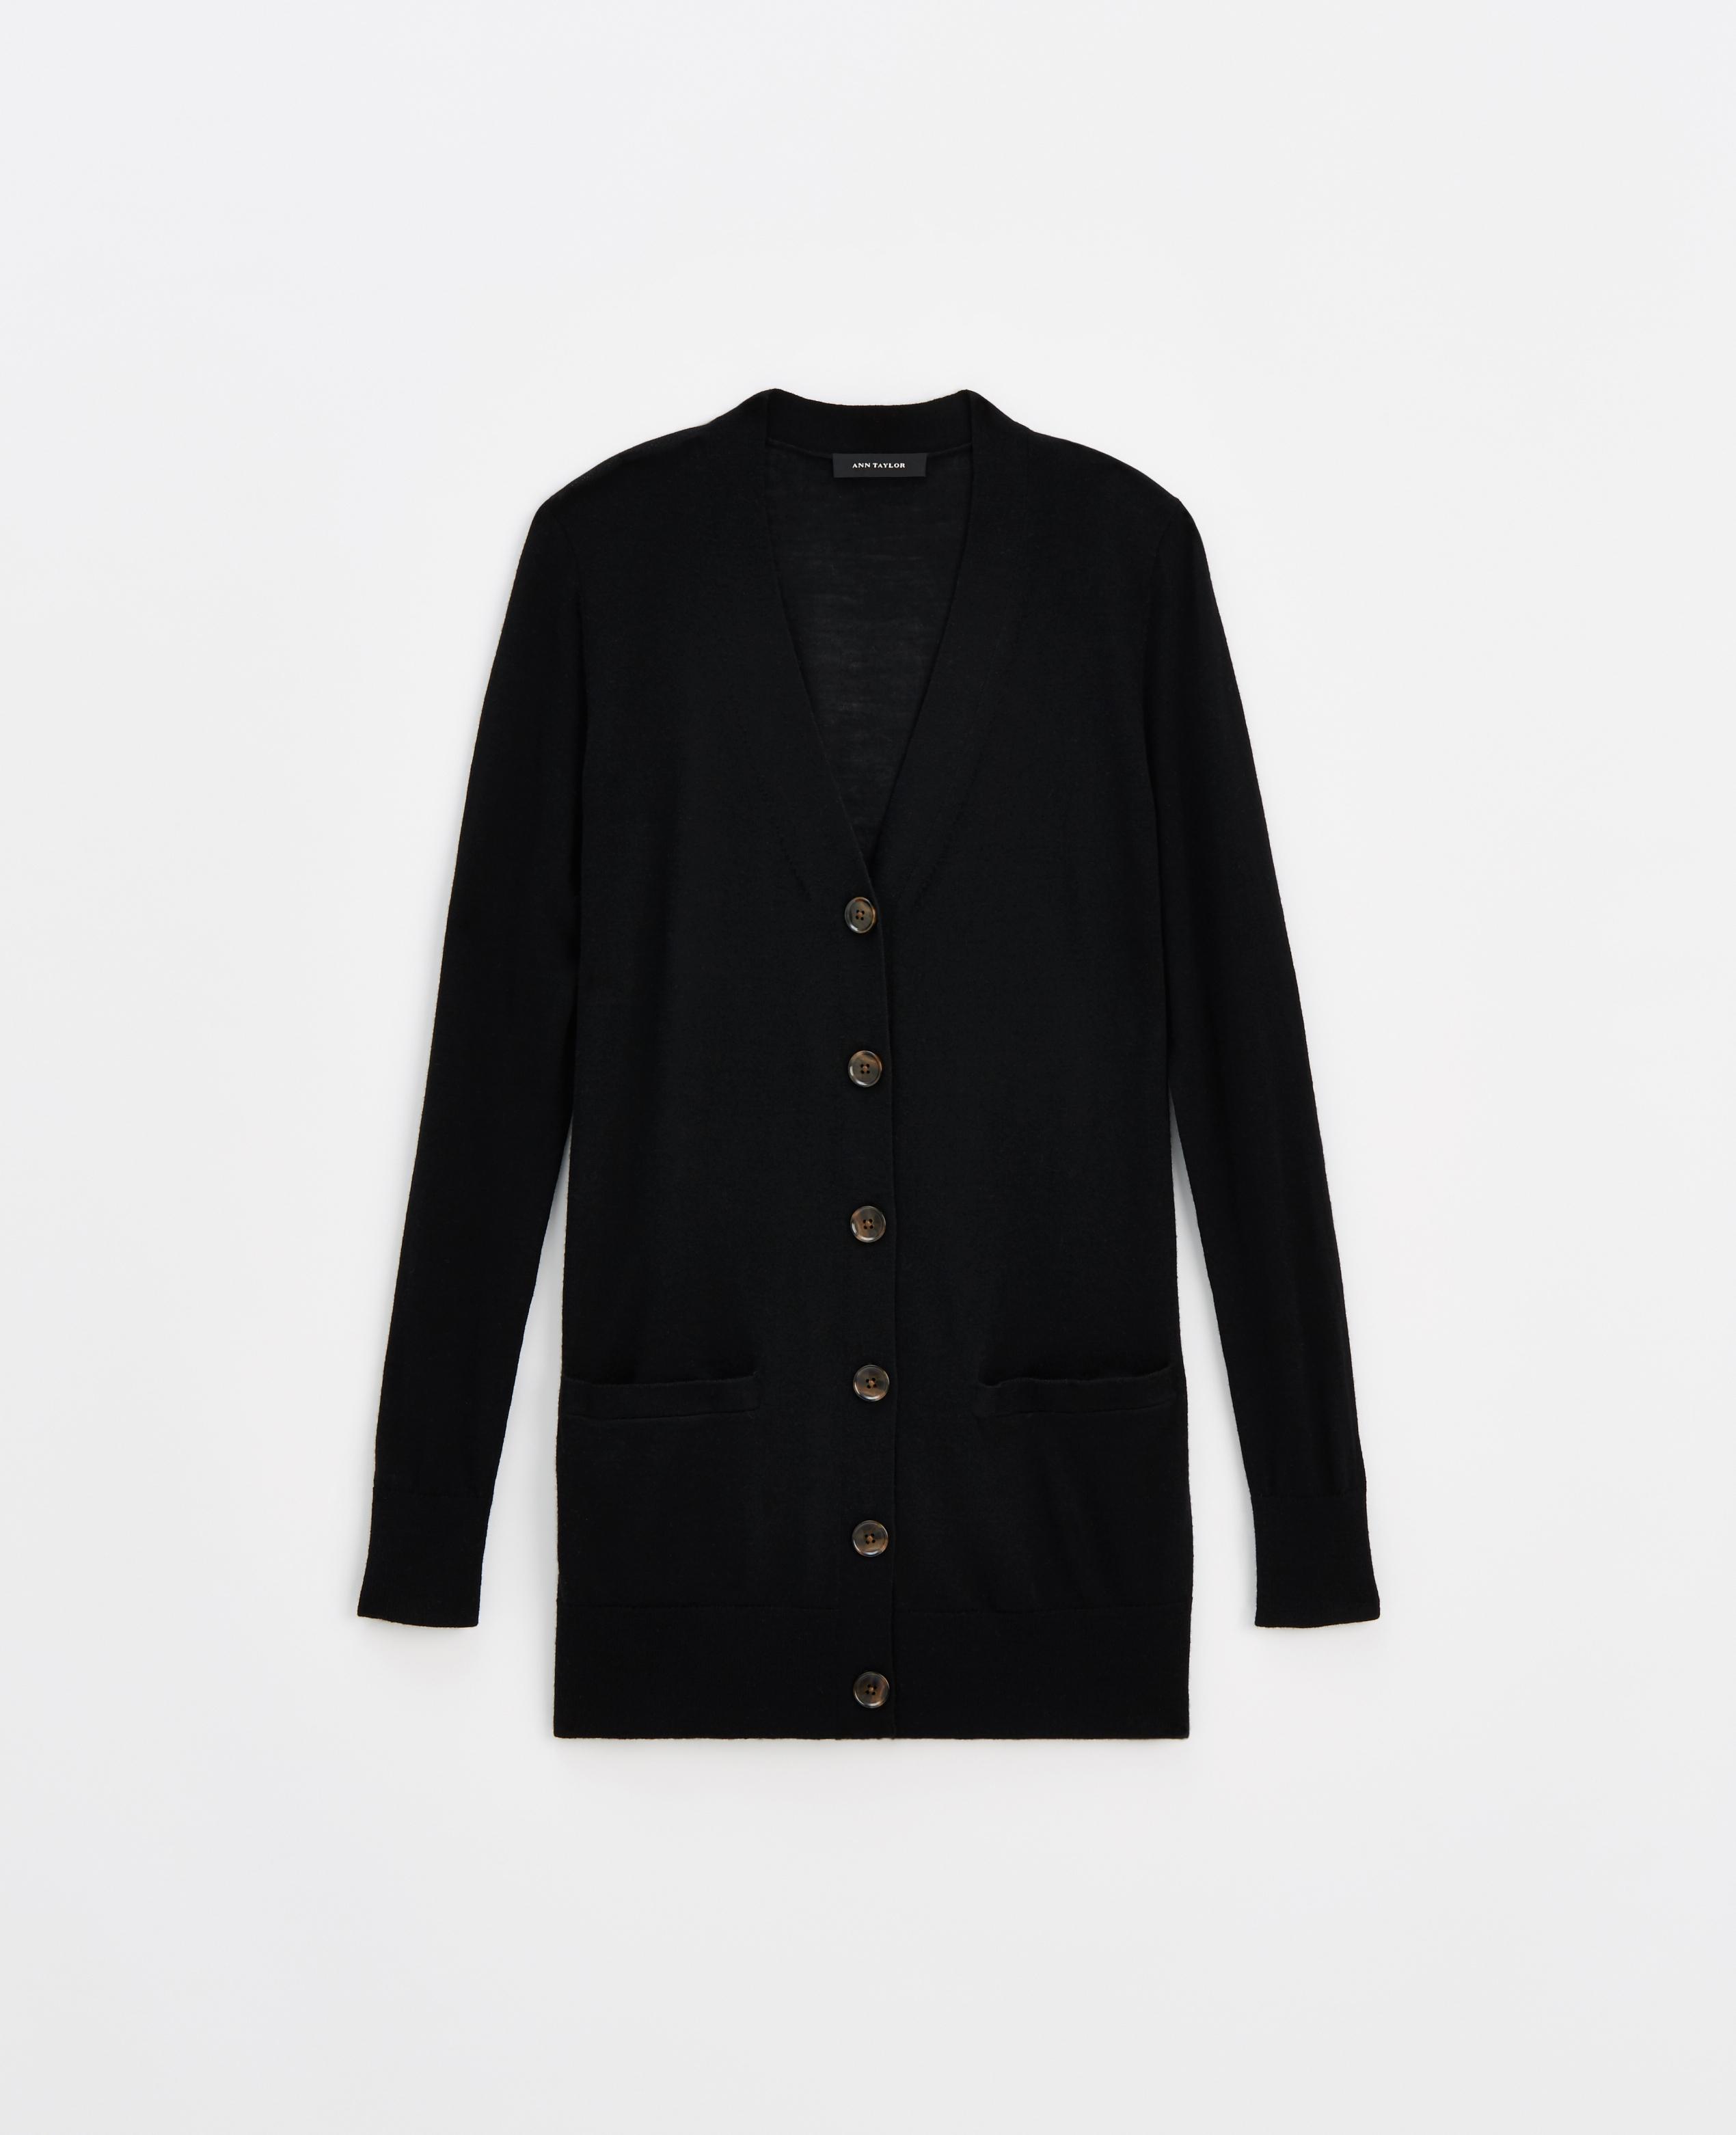 Ann taylor Merino Wool Boyfriend Cardigan in Black | Lyst